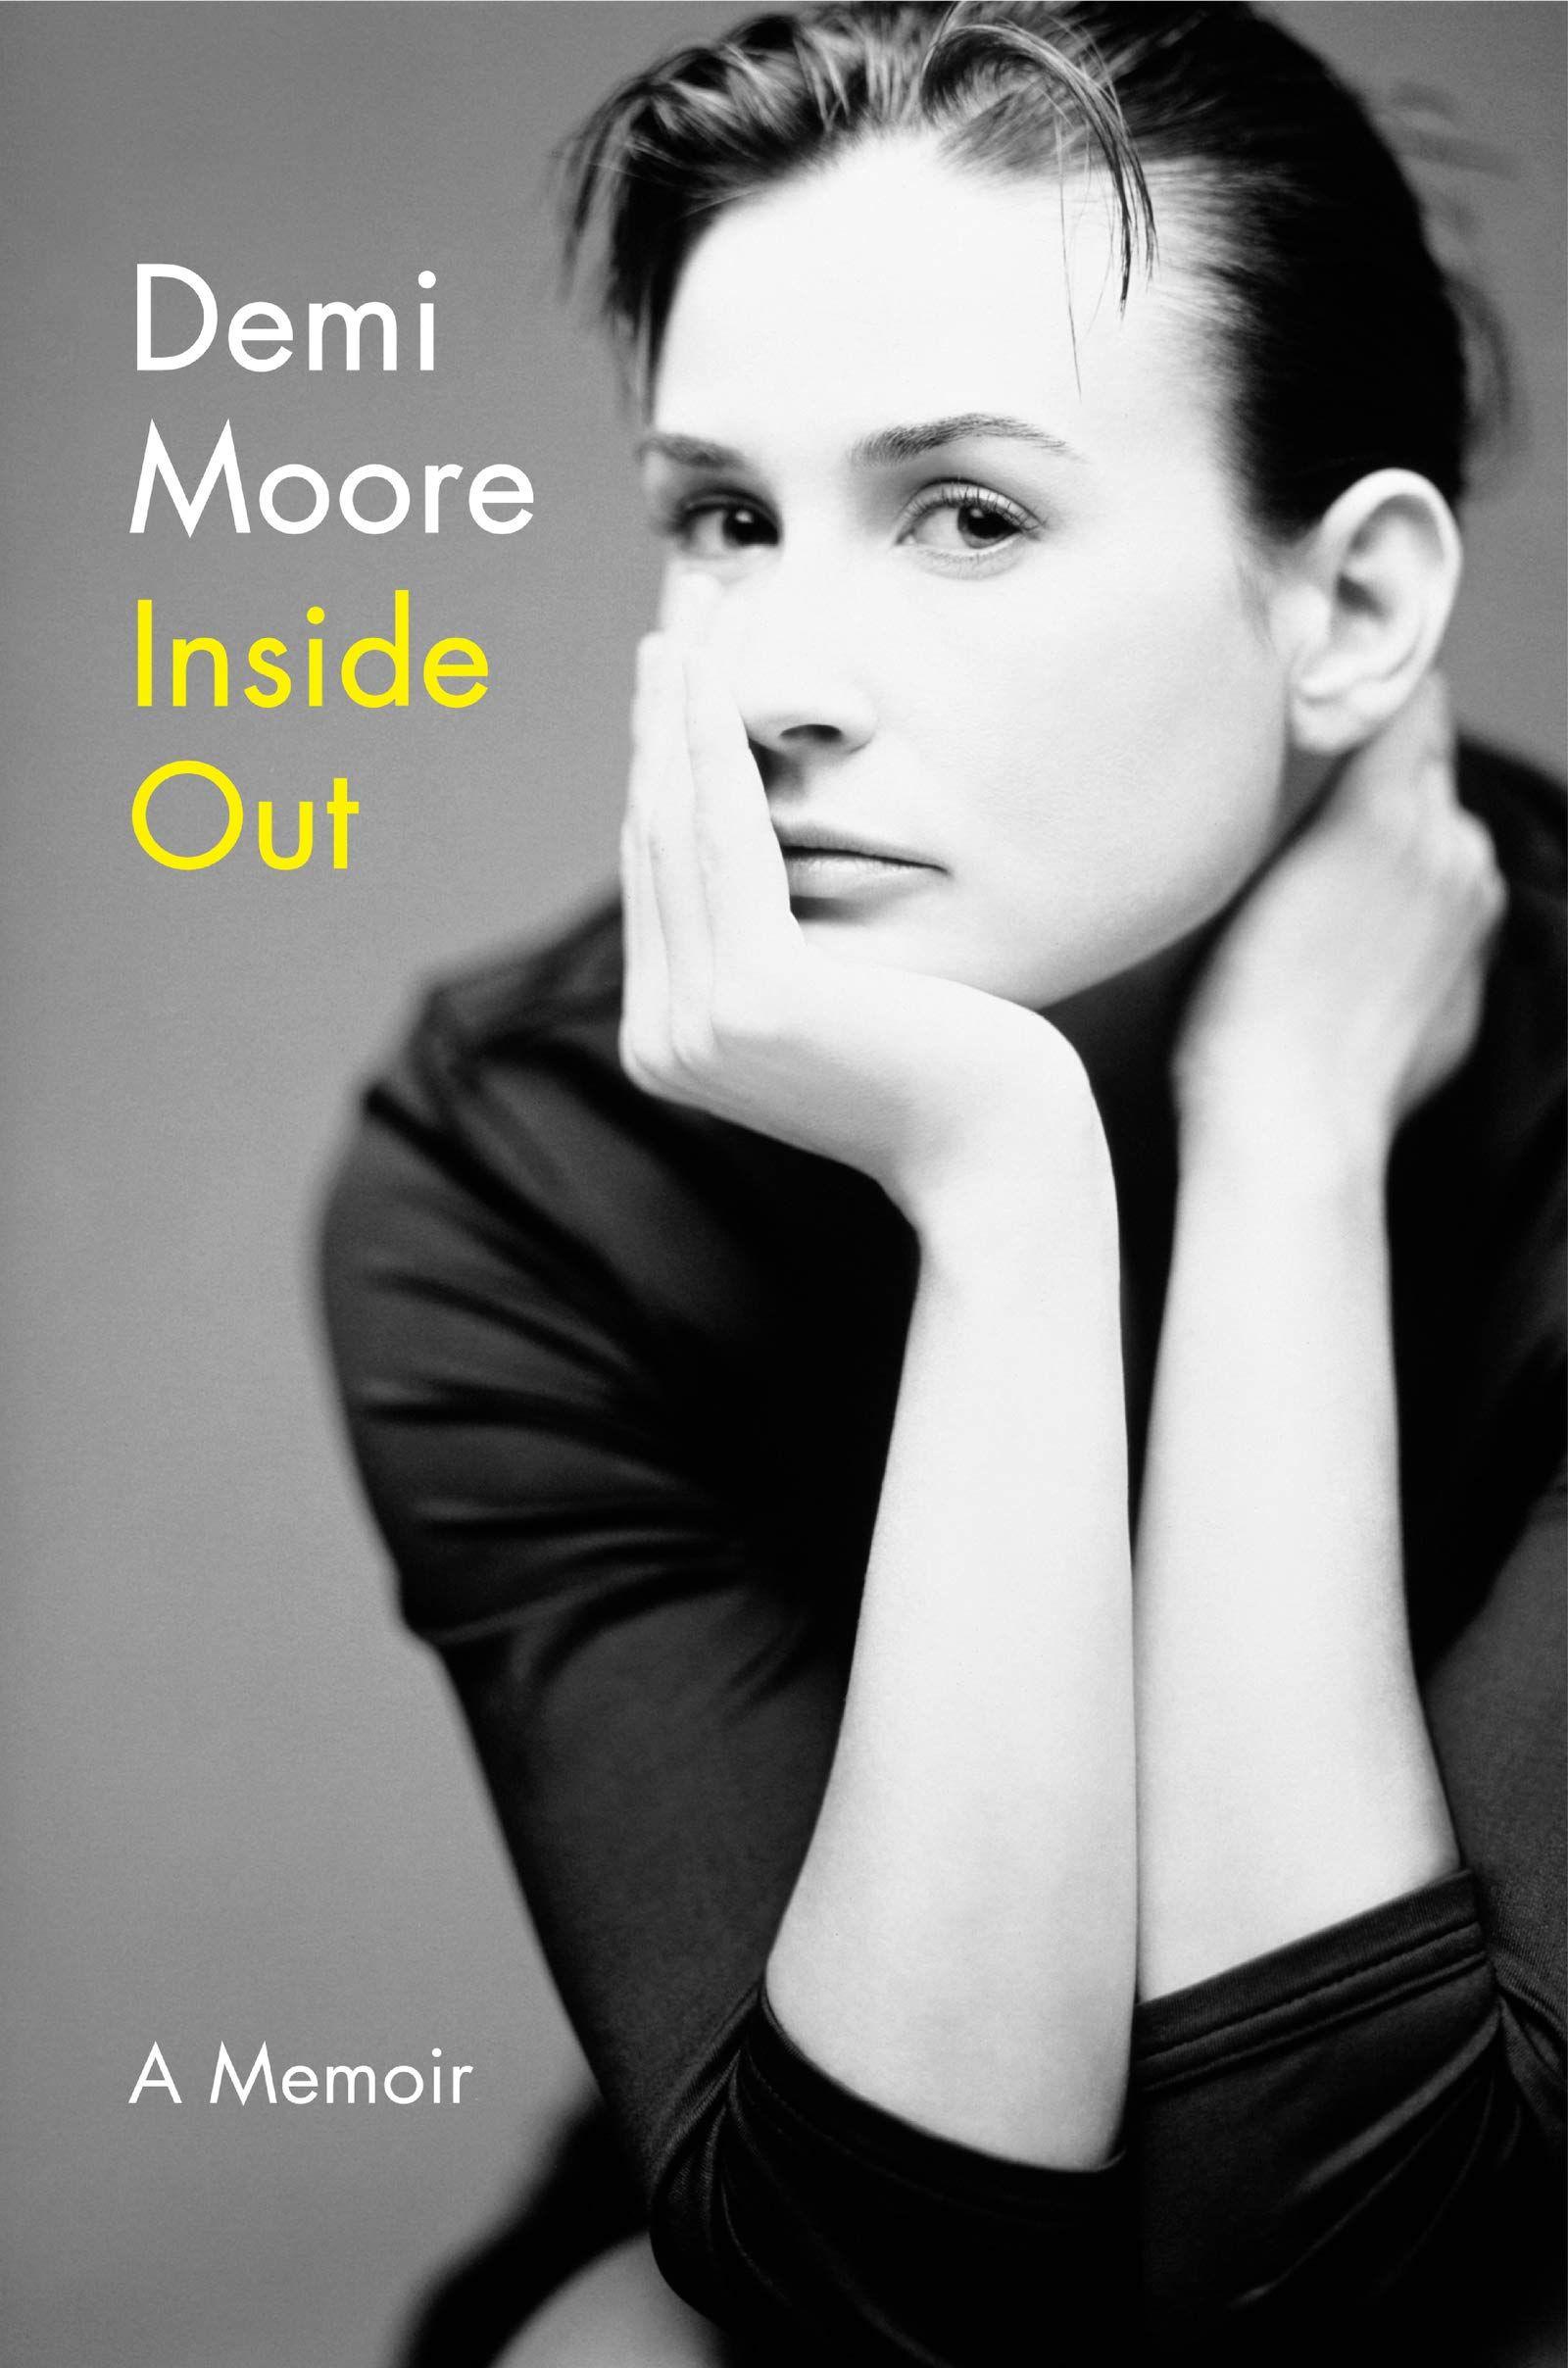 BOKSTORM: Demi Moore har skapt store overskrifter and Hollywood den siste uken etter at det har lekket ut historier fra boken hennes.